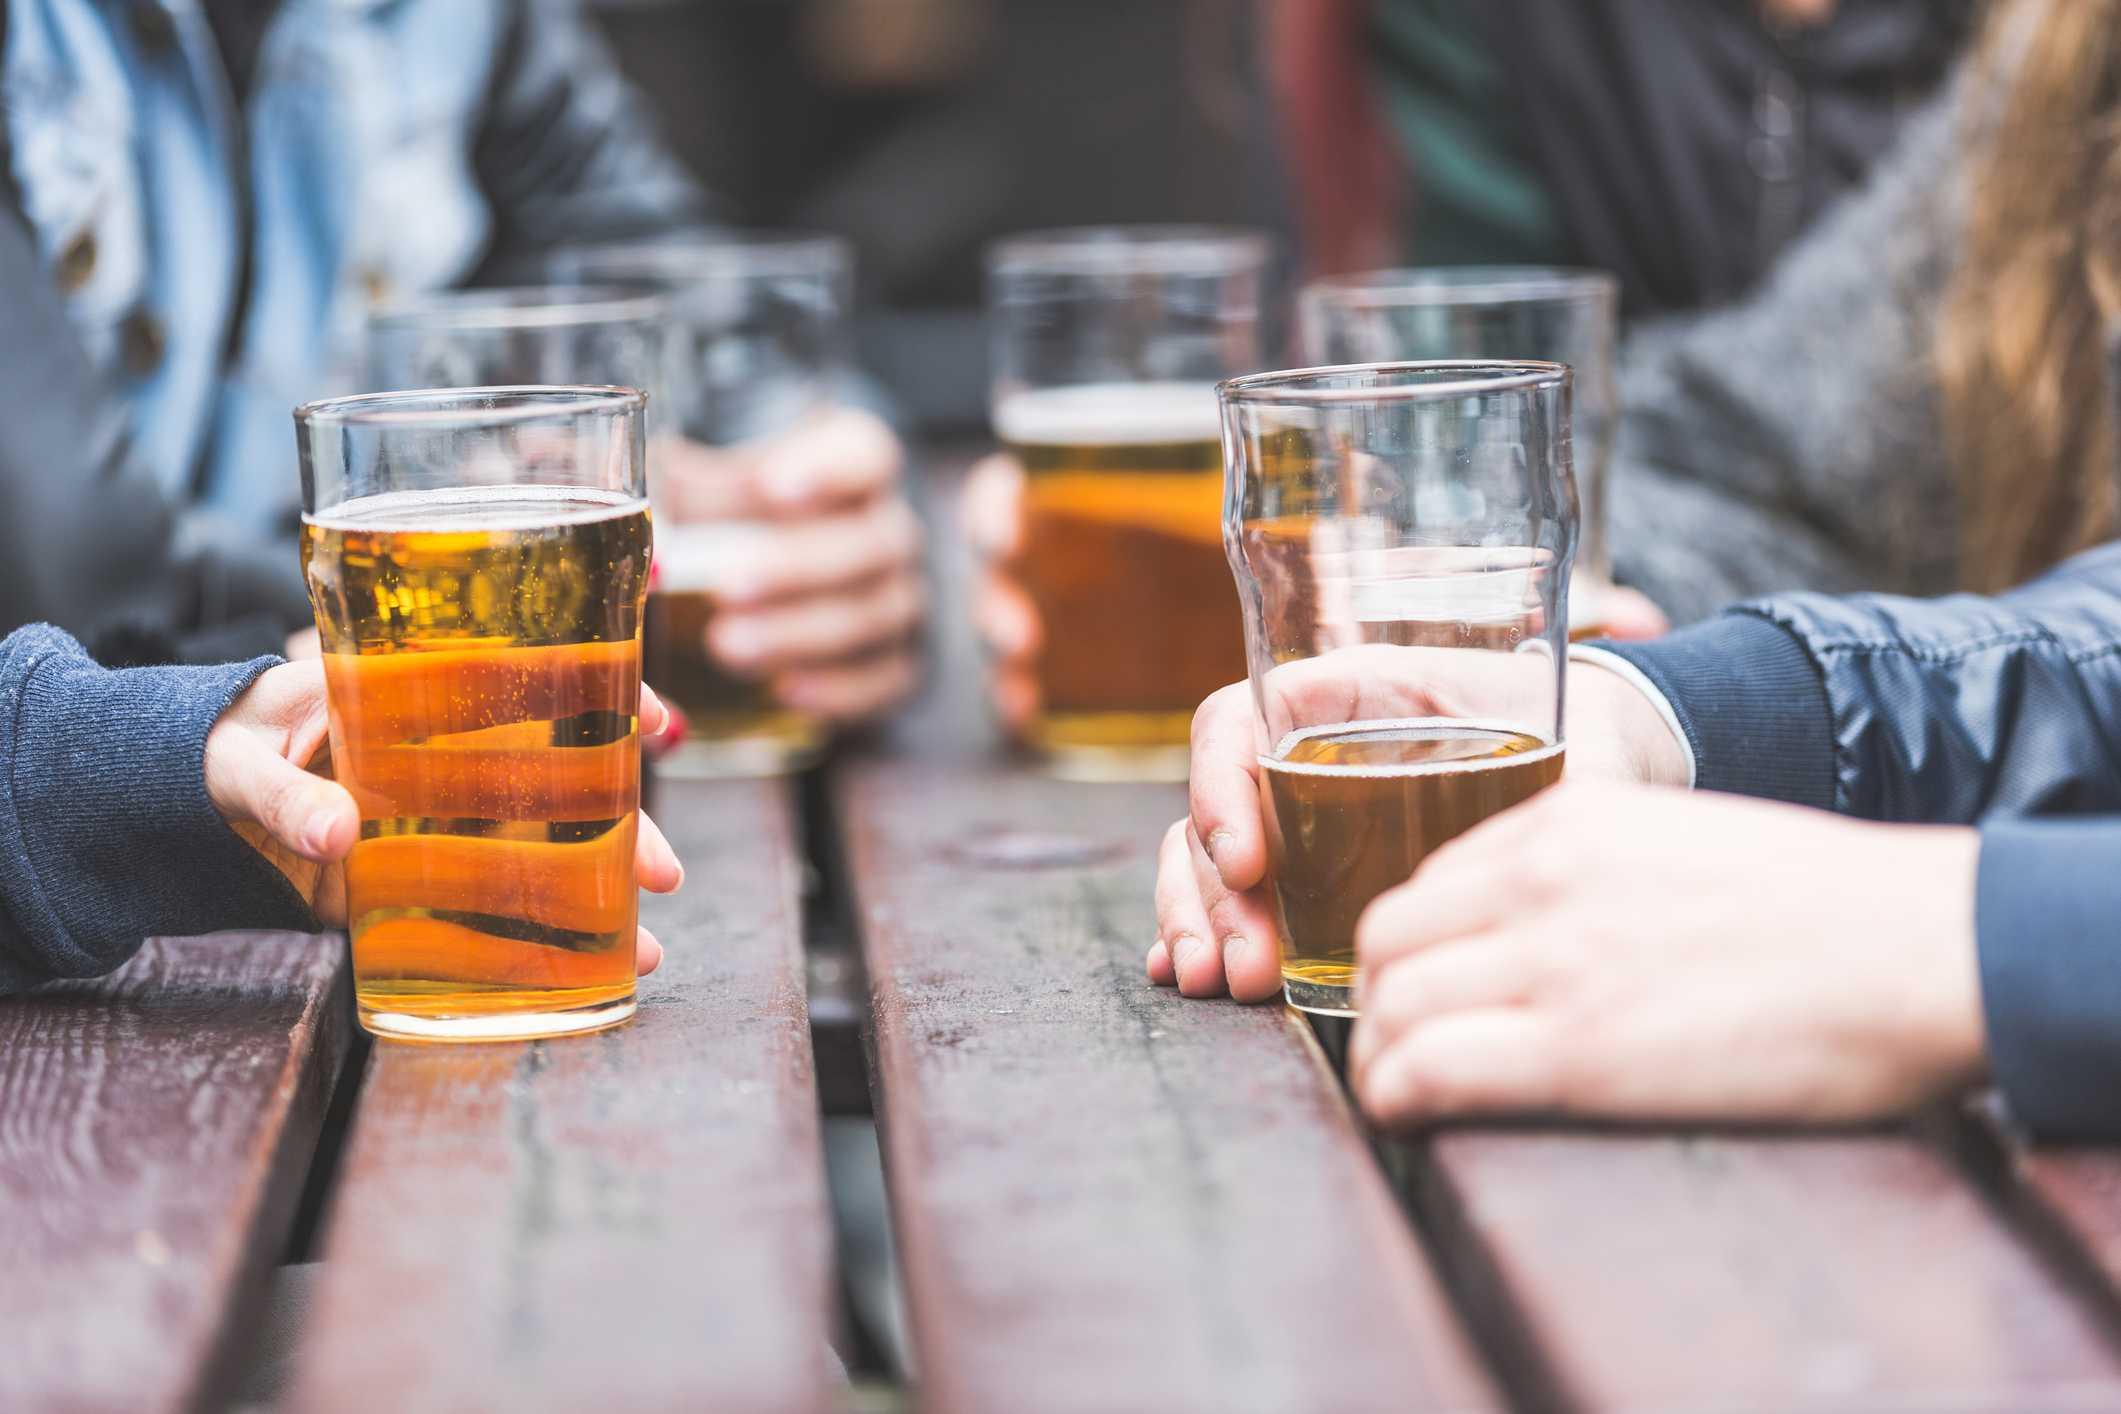 Tiêu chảy khi uống bia rượu